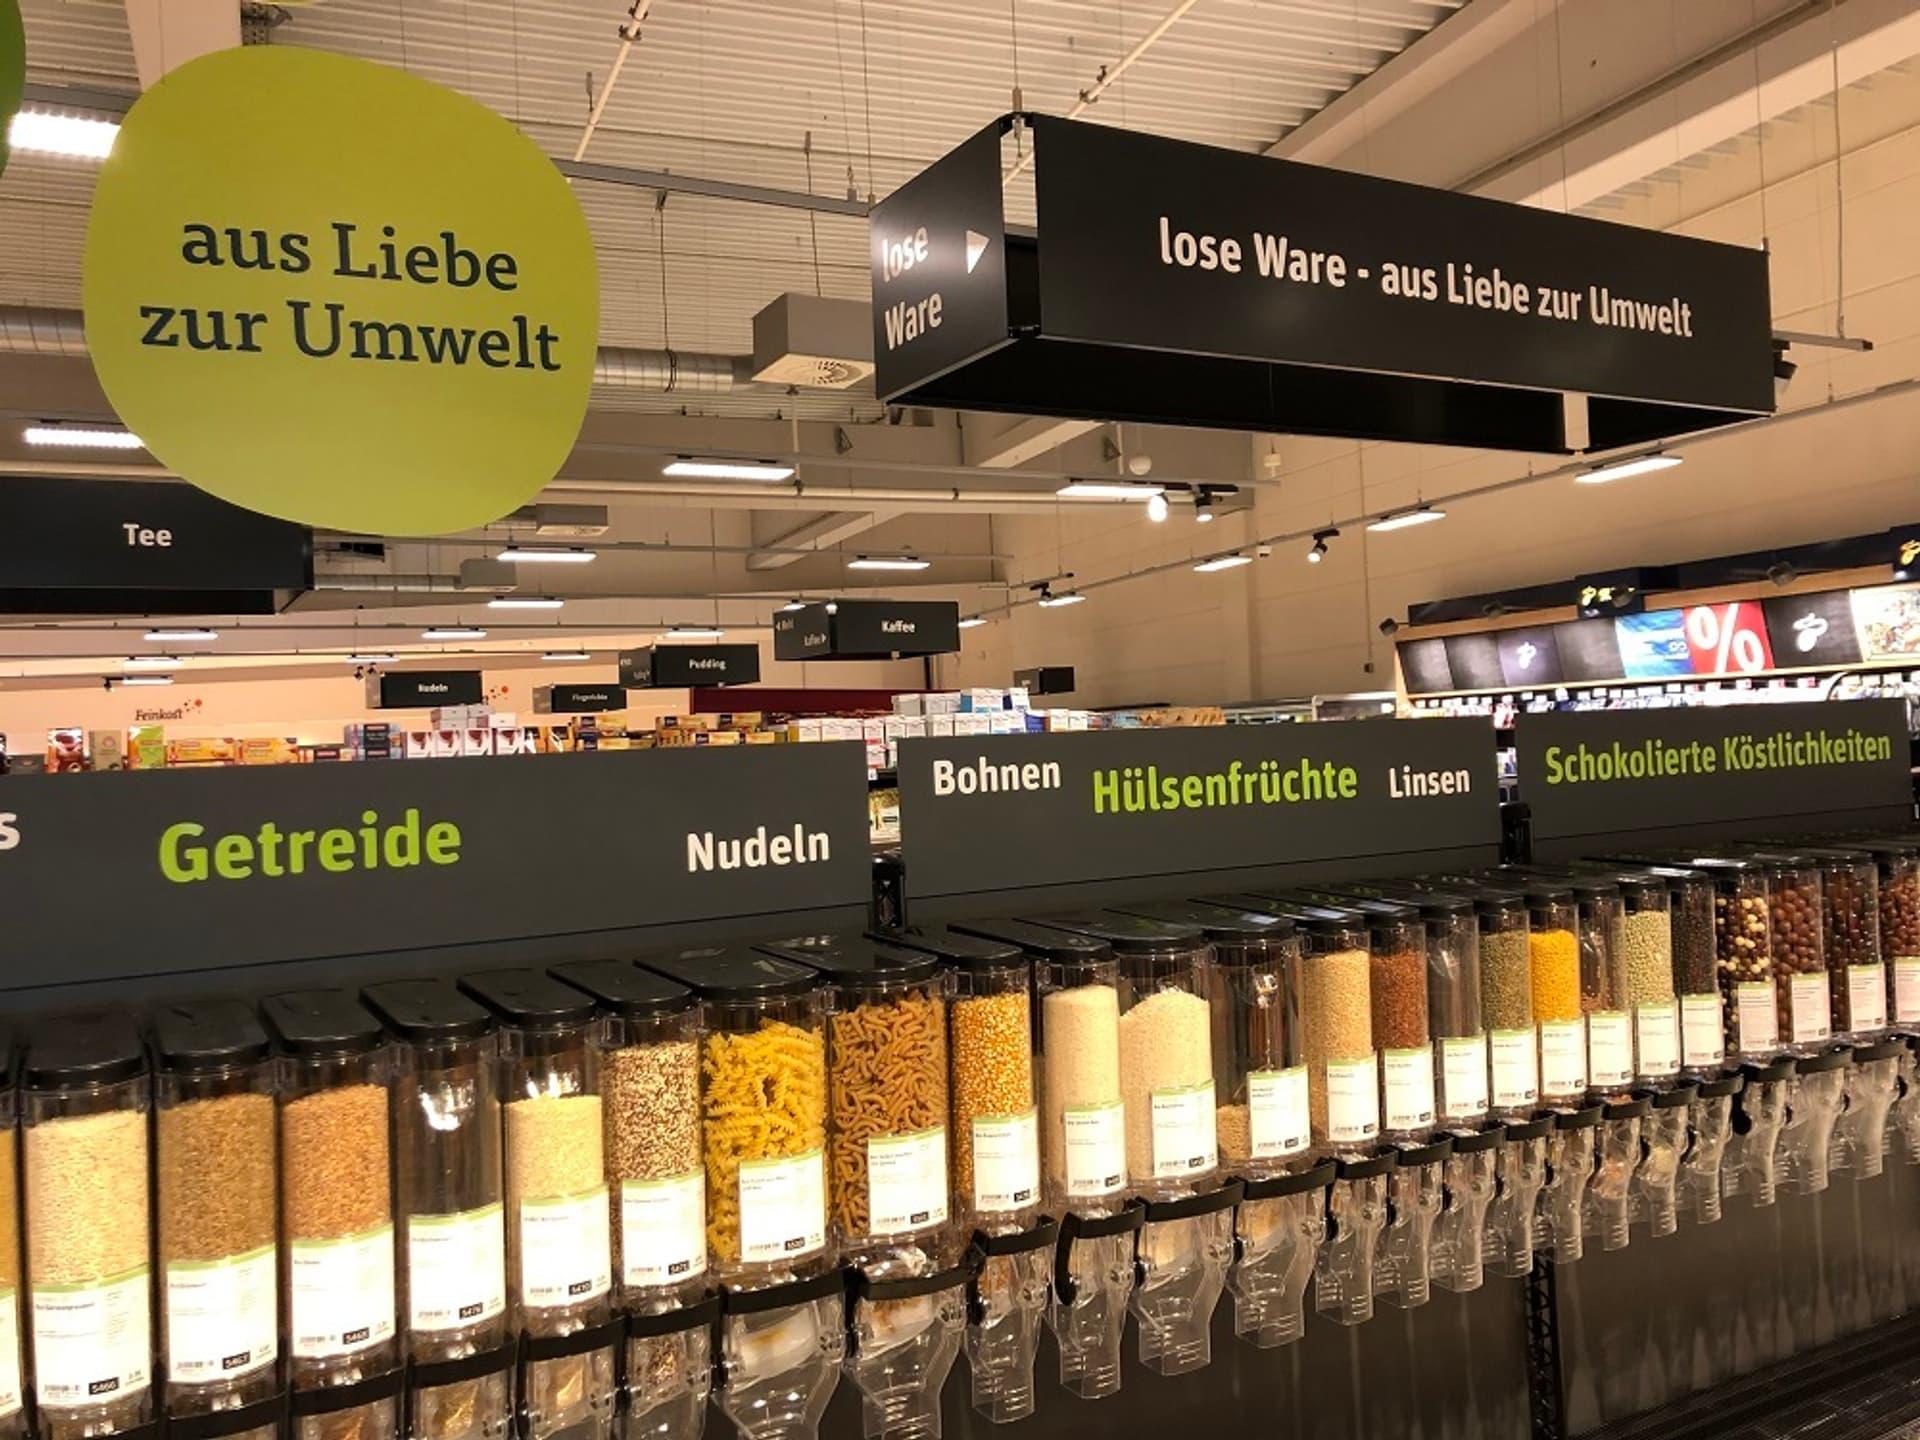 Unverpackt tegut Fulda Kaiserwiesen Regalfoto c tegut